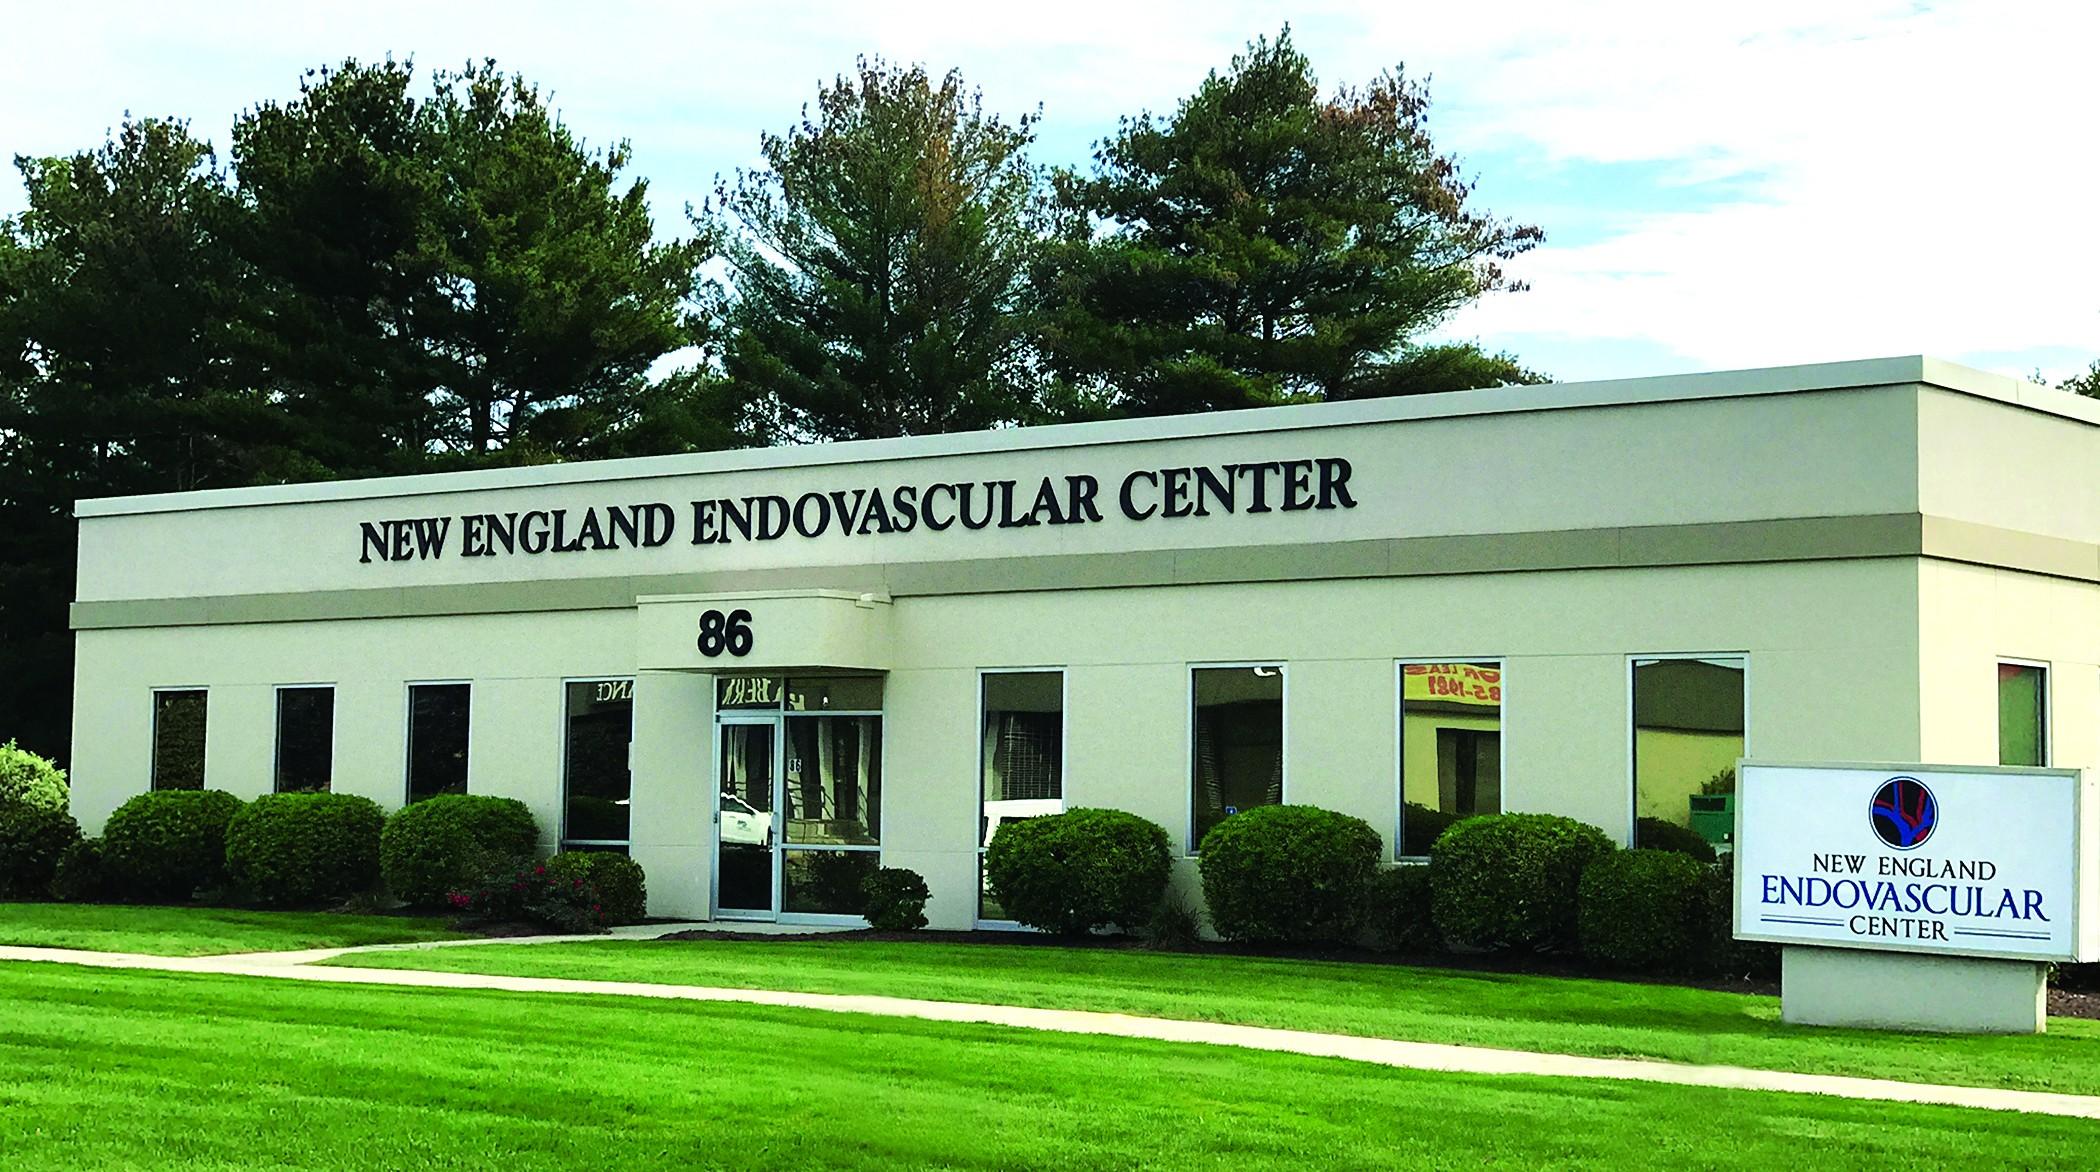 exterior of NE Endo building